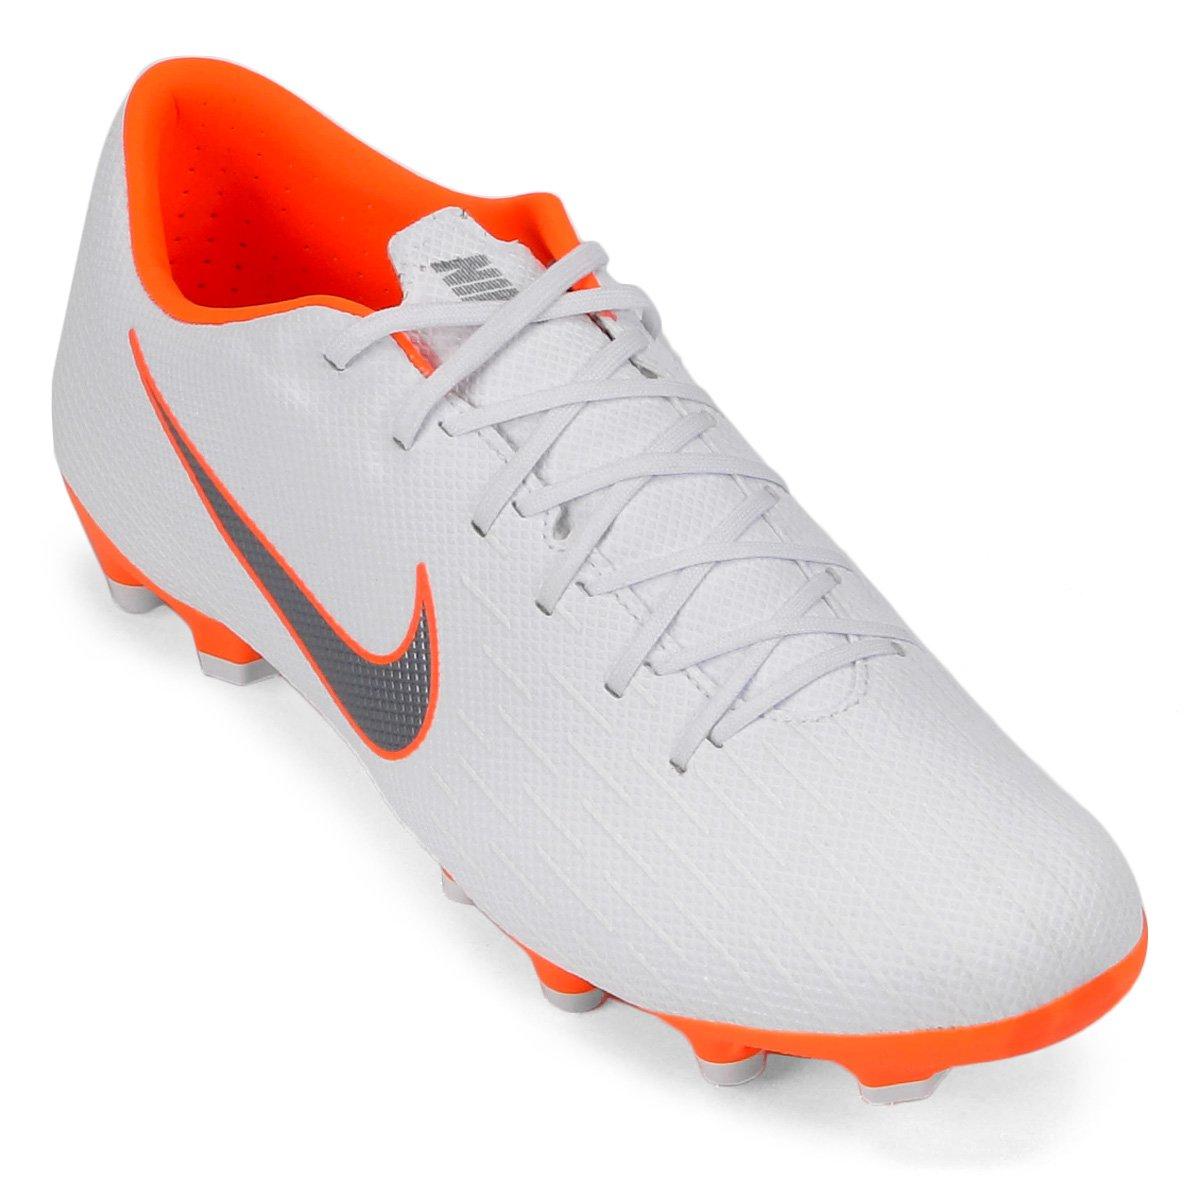 a6cf0033e2 Chuteira Campo Nike Mercurial Vapor 12 Academy - Branco e Cinza ...